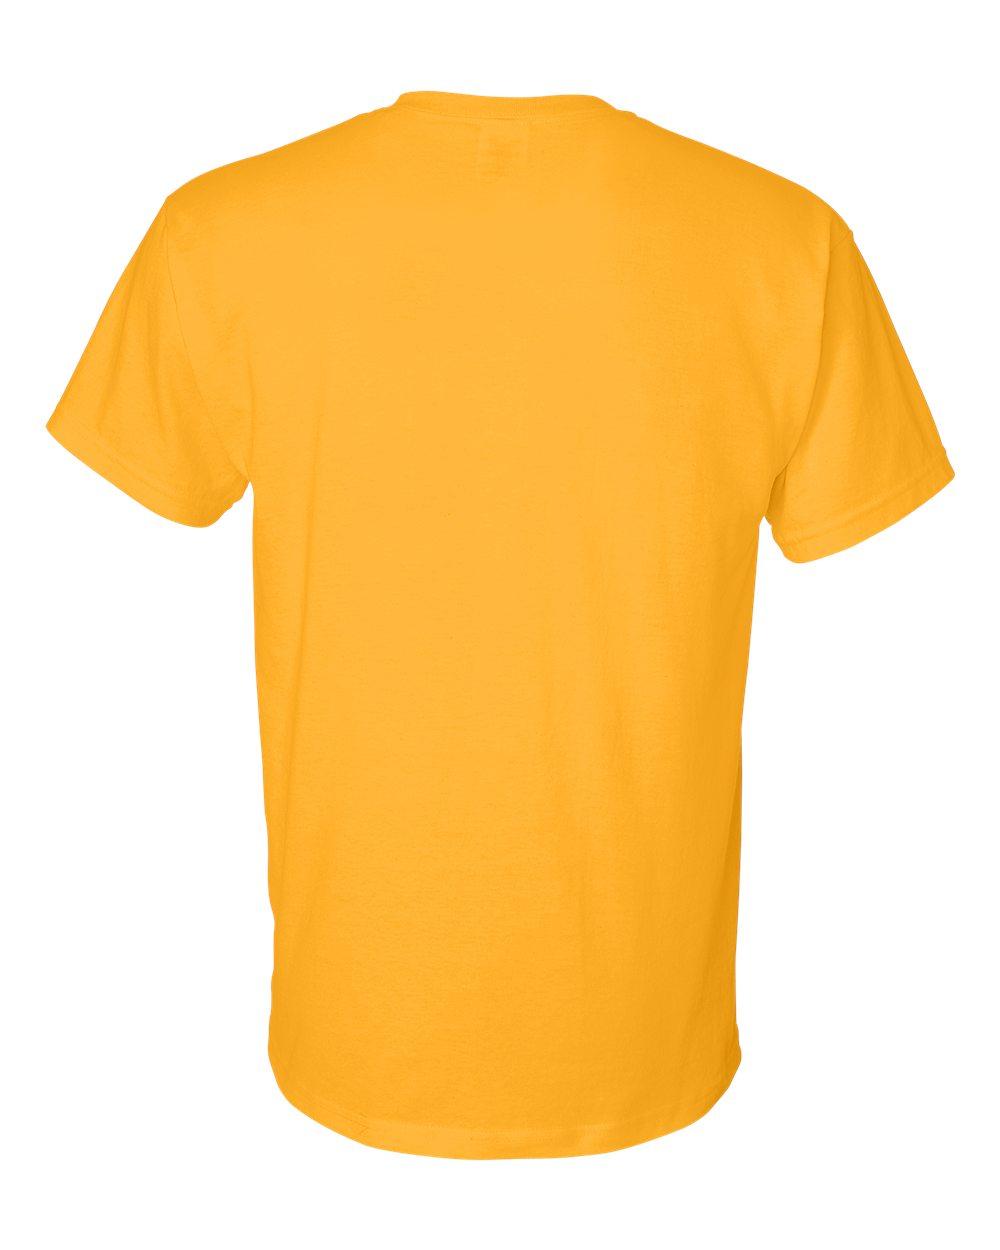 Gildan-Mens-DryBlend-5-6-oz-50-50-T-Shirt-G800-Size-S-5XL thumbnail 30